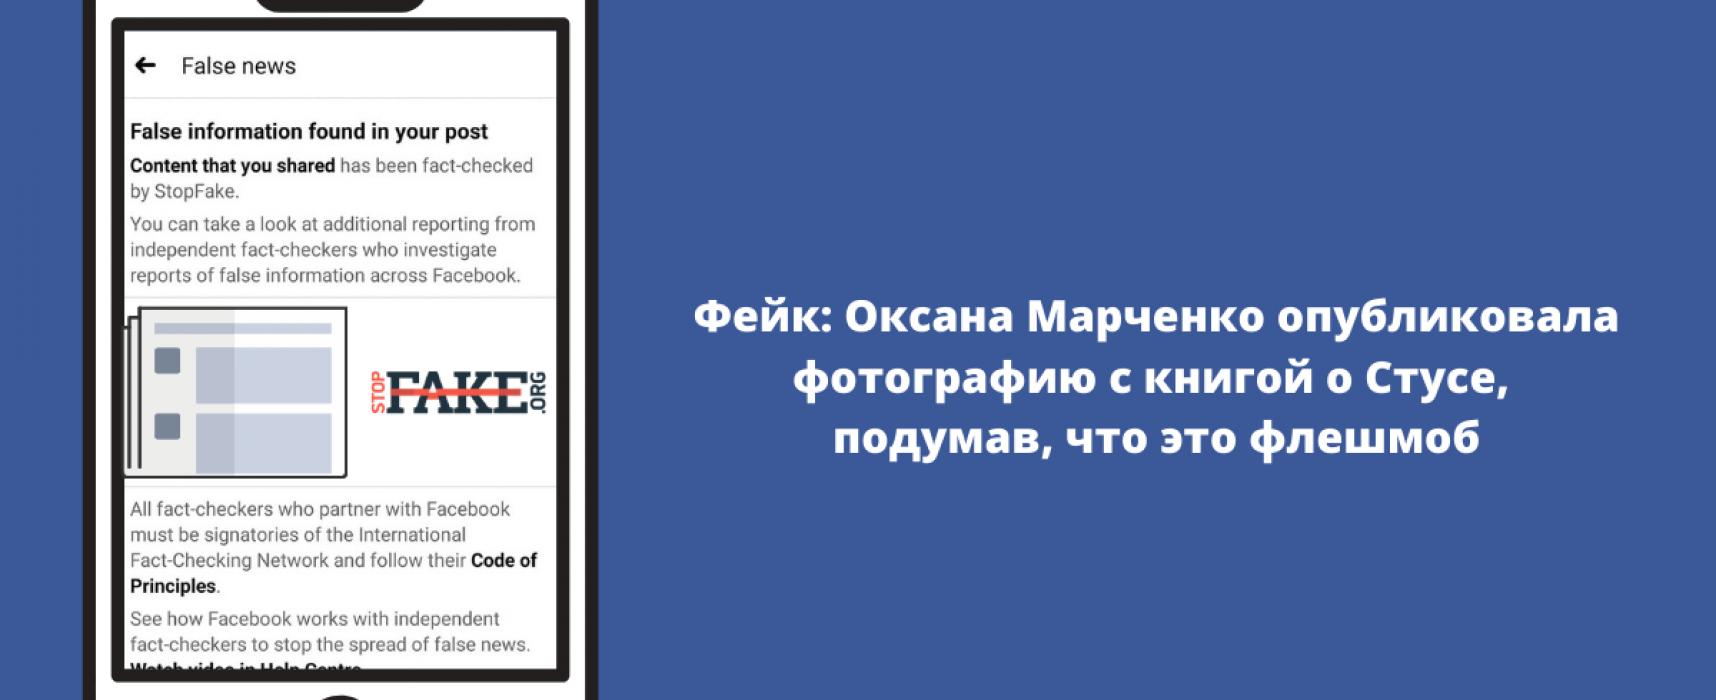 Фейк: Оксана Марченко опубликовала фотографию с книгой о Стусе, подумав, что это флешмоб